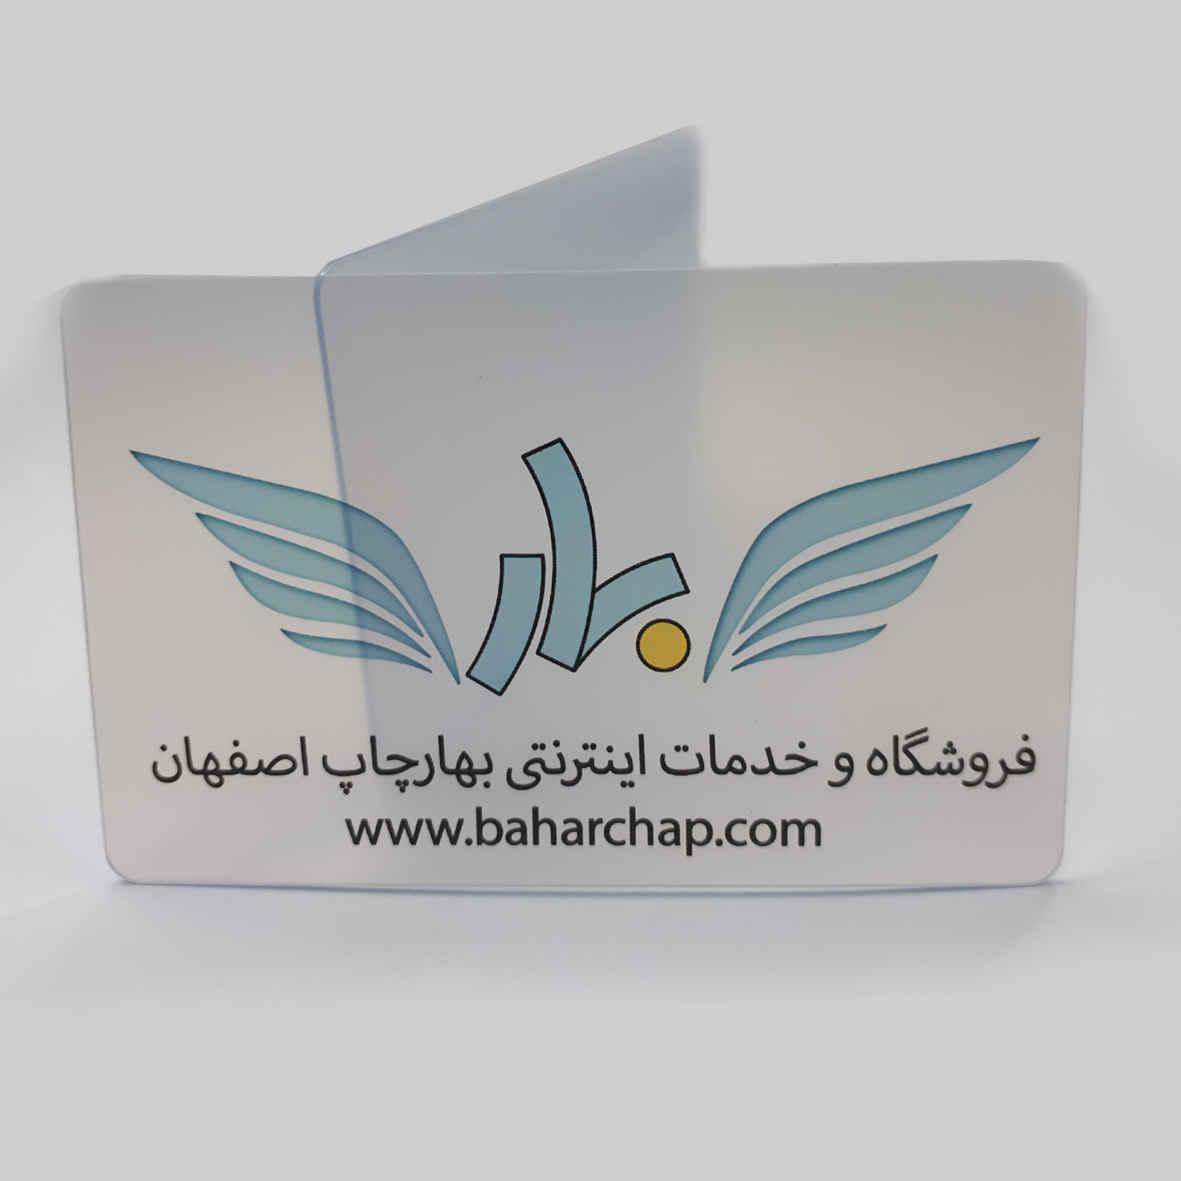 فروشگاه و خدمات اینترنتی بهارچاپ اصفهان-کارت PVC شفاف جوهر افشان -transparent pvc card inkjet